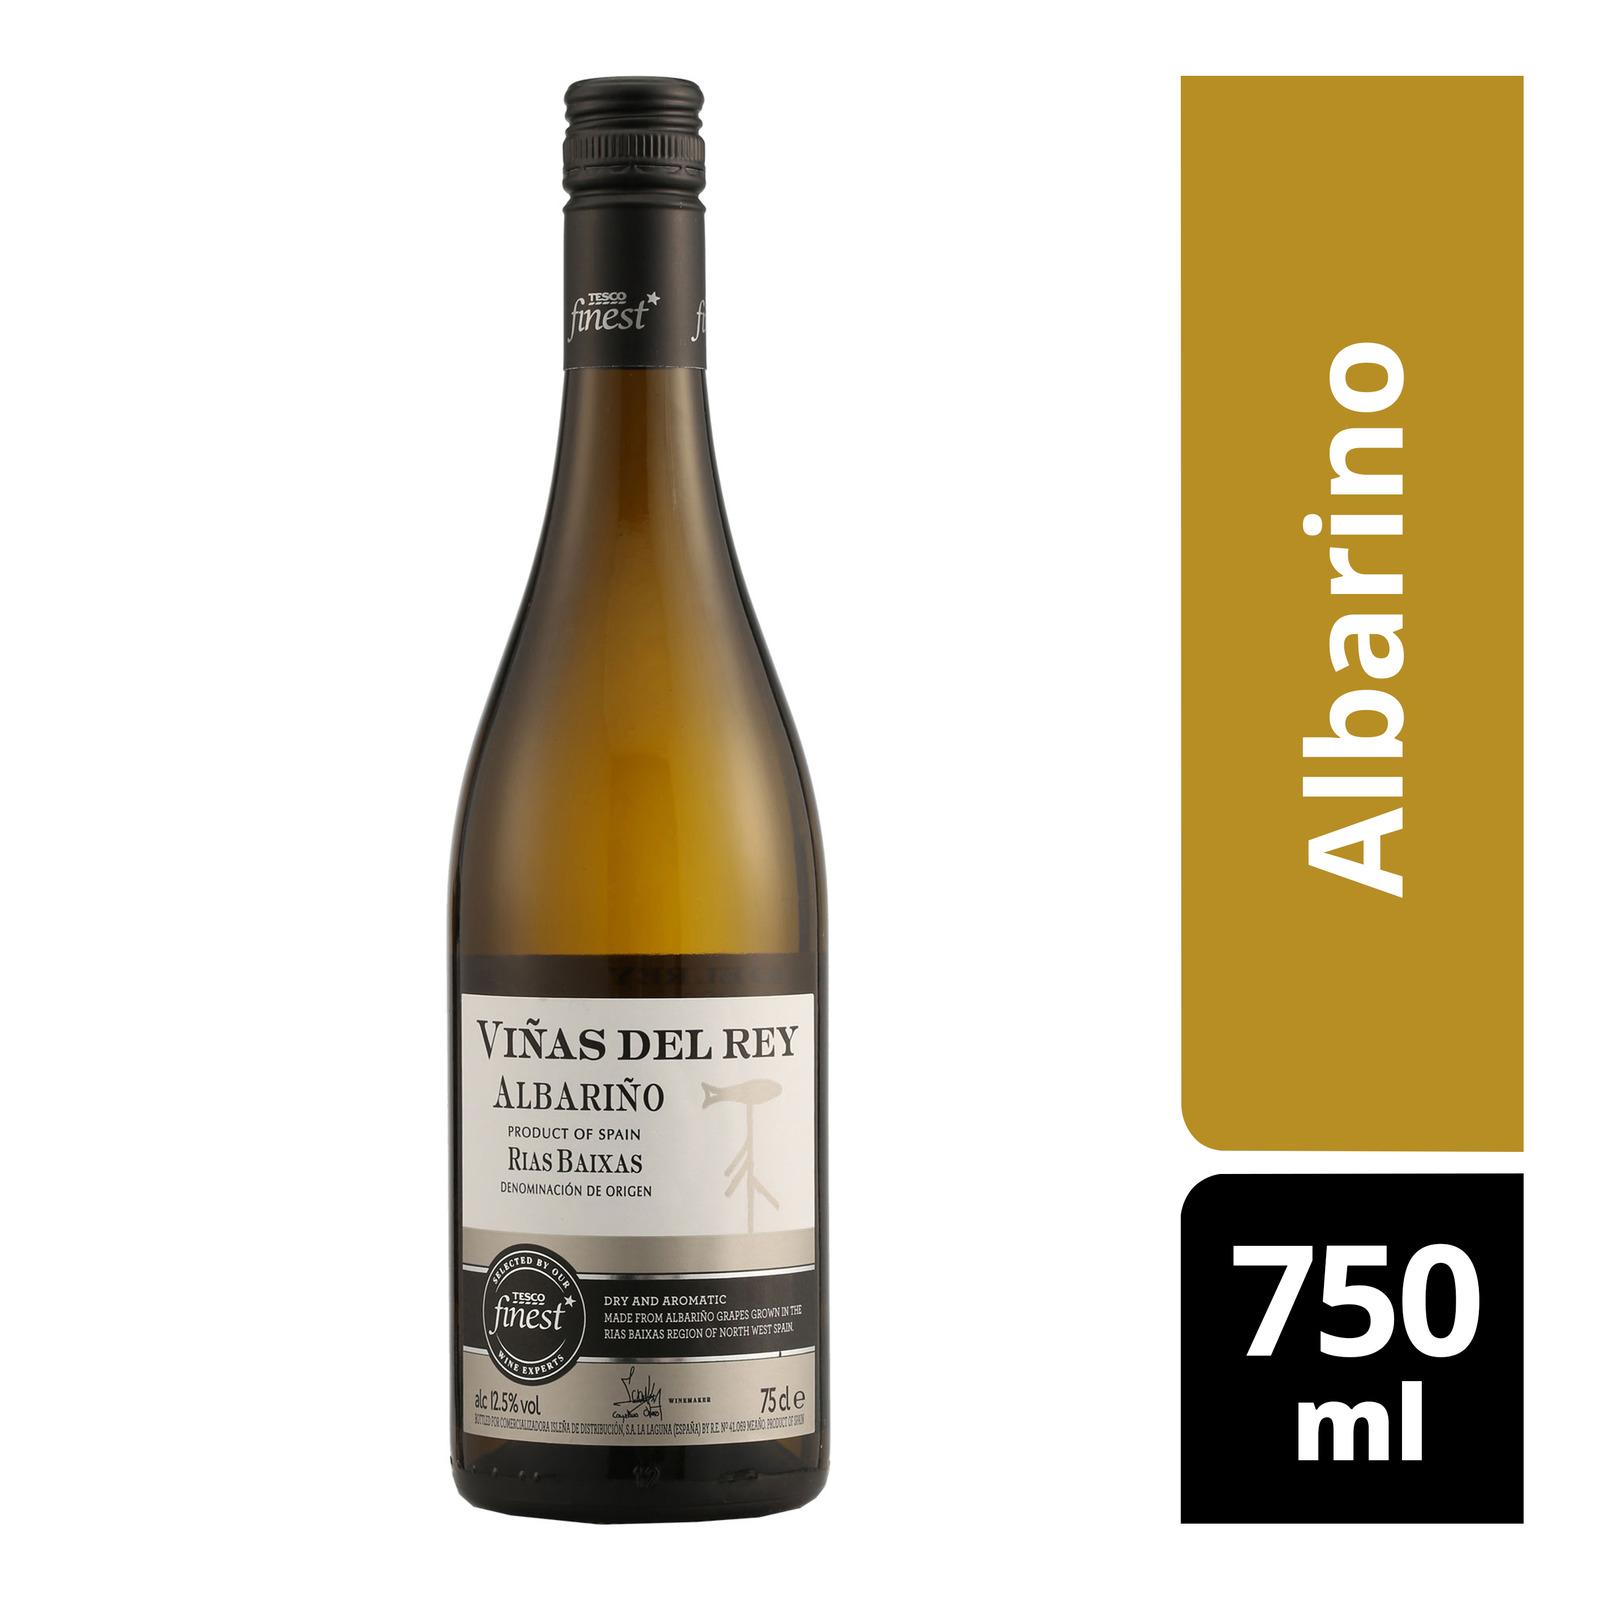 Tesco Finest White Wine - Albarino